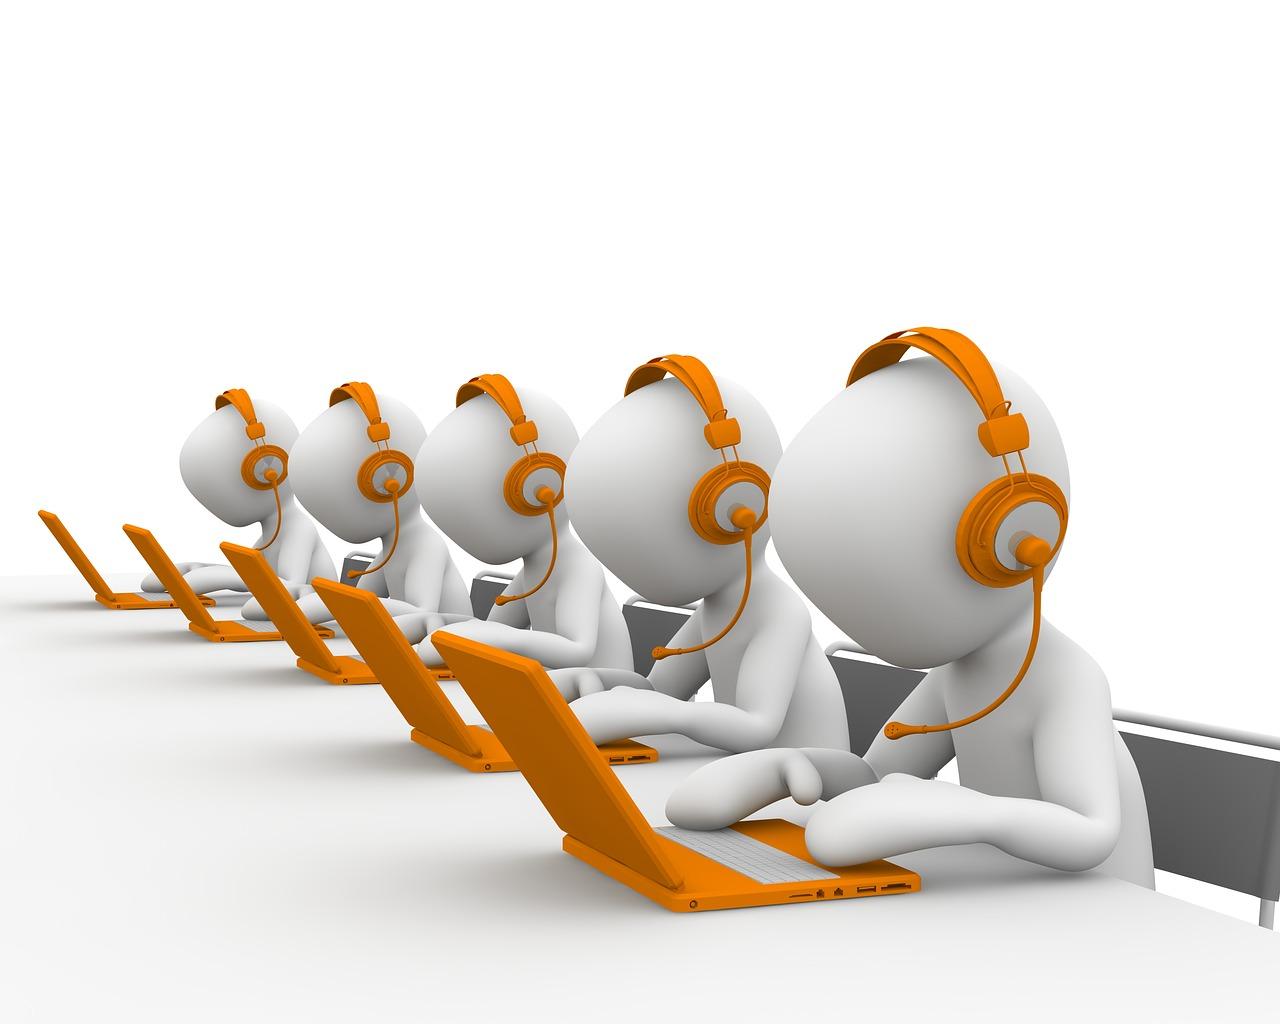 Area Code 844 Scam Calls - Beware!